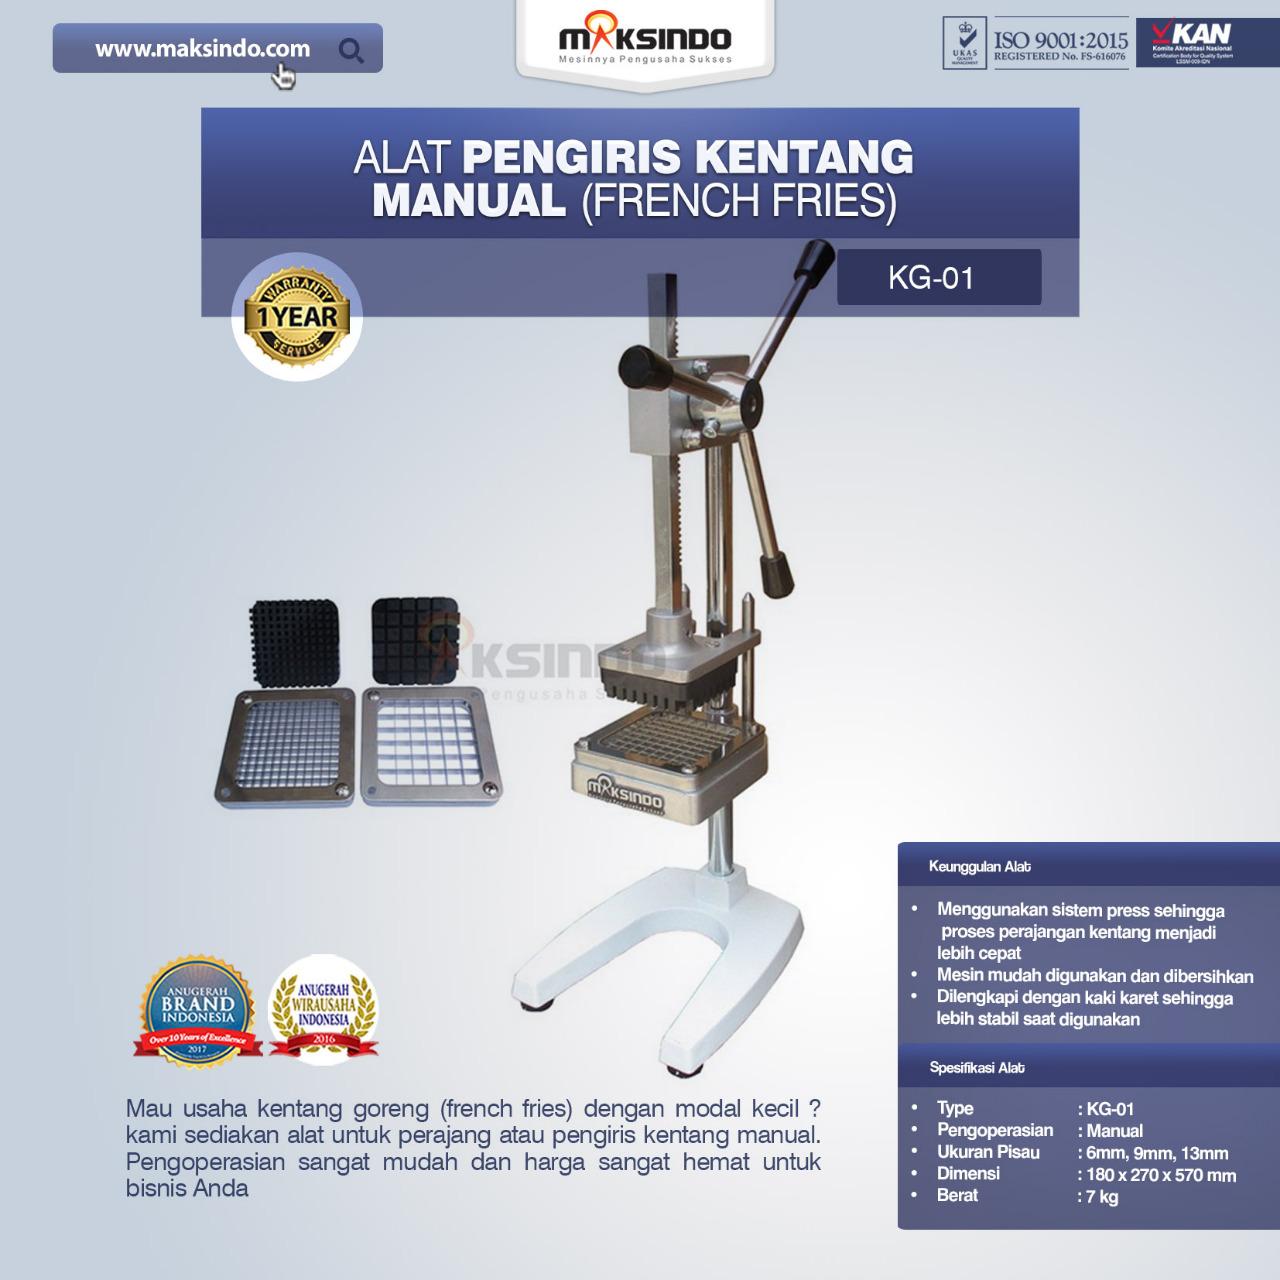 Jual Alat Pengiris Kentang Manual (french fries) di Tangerang